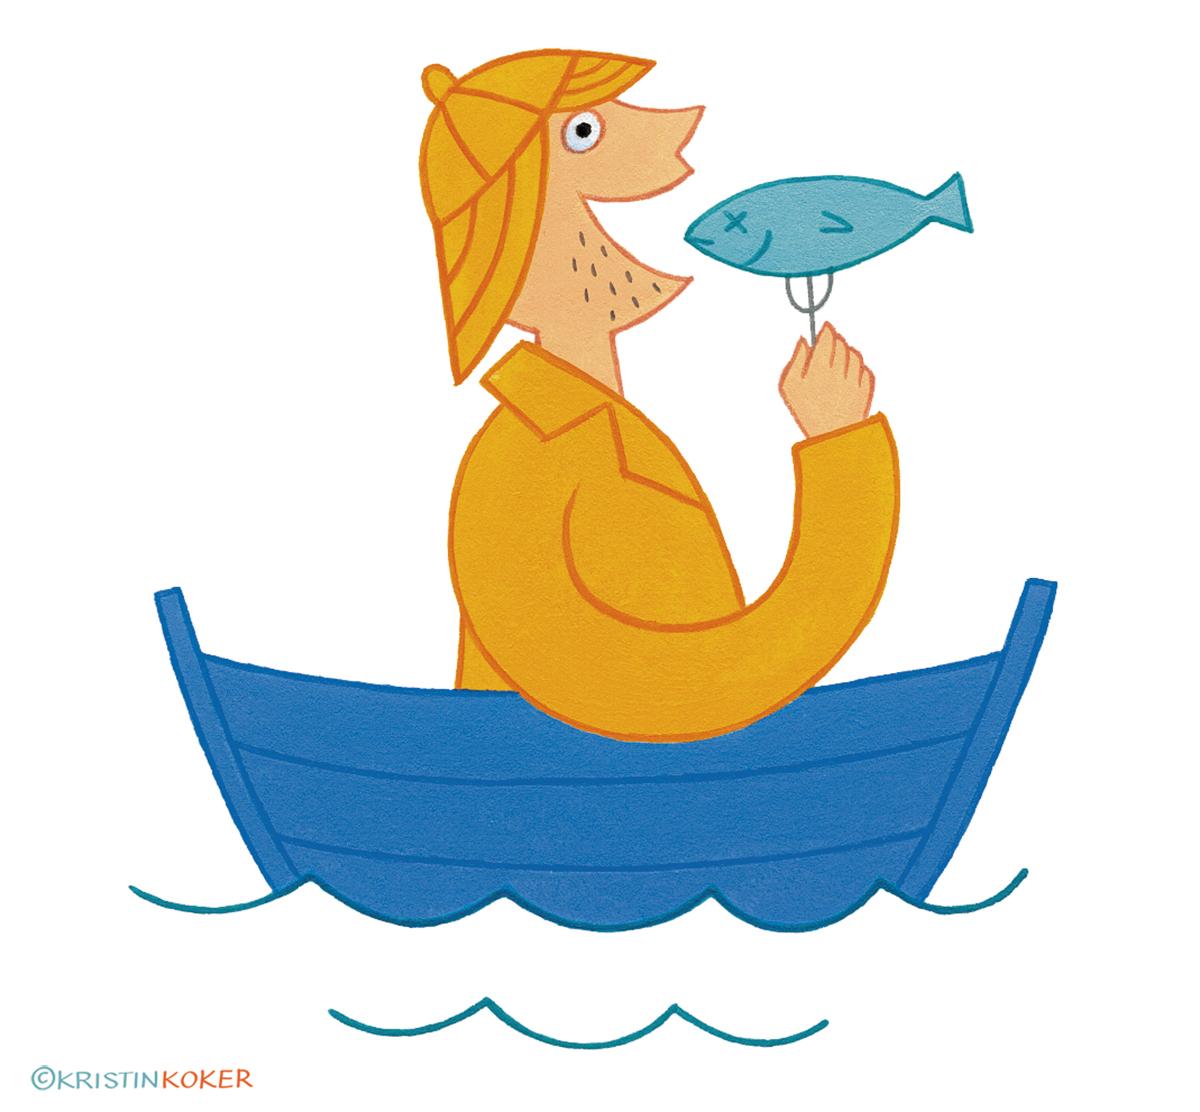 Frisk med fisk, illustrasjon av fisker i jolle med fisk på gafel, illustratør Kristin Granli